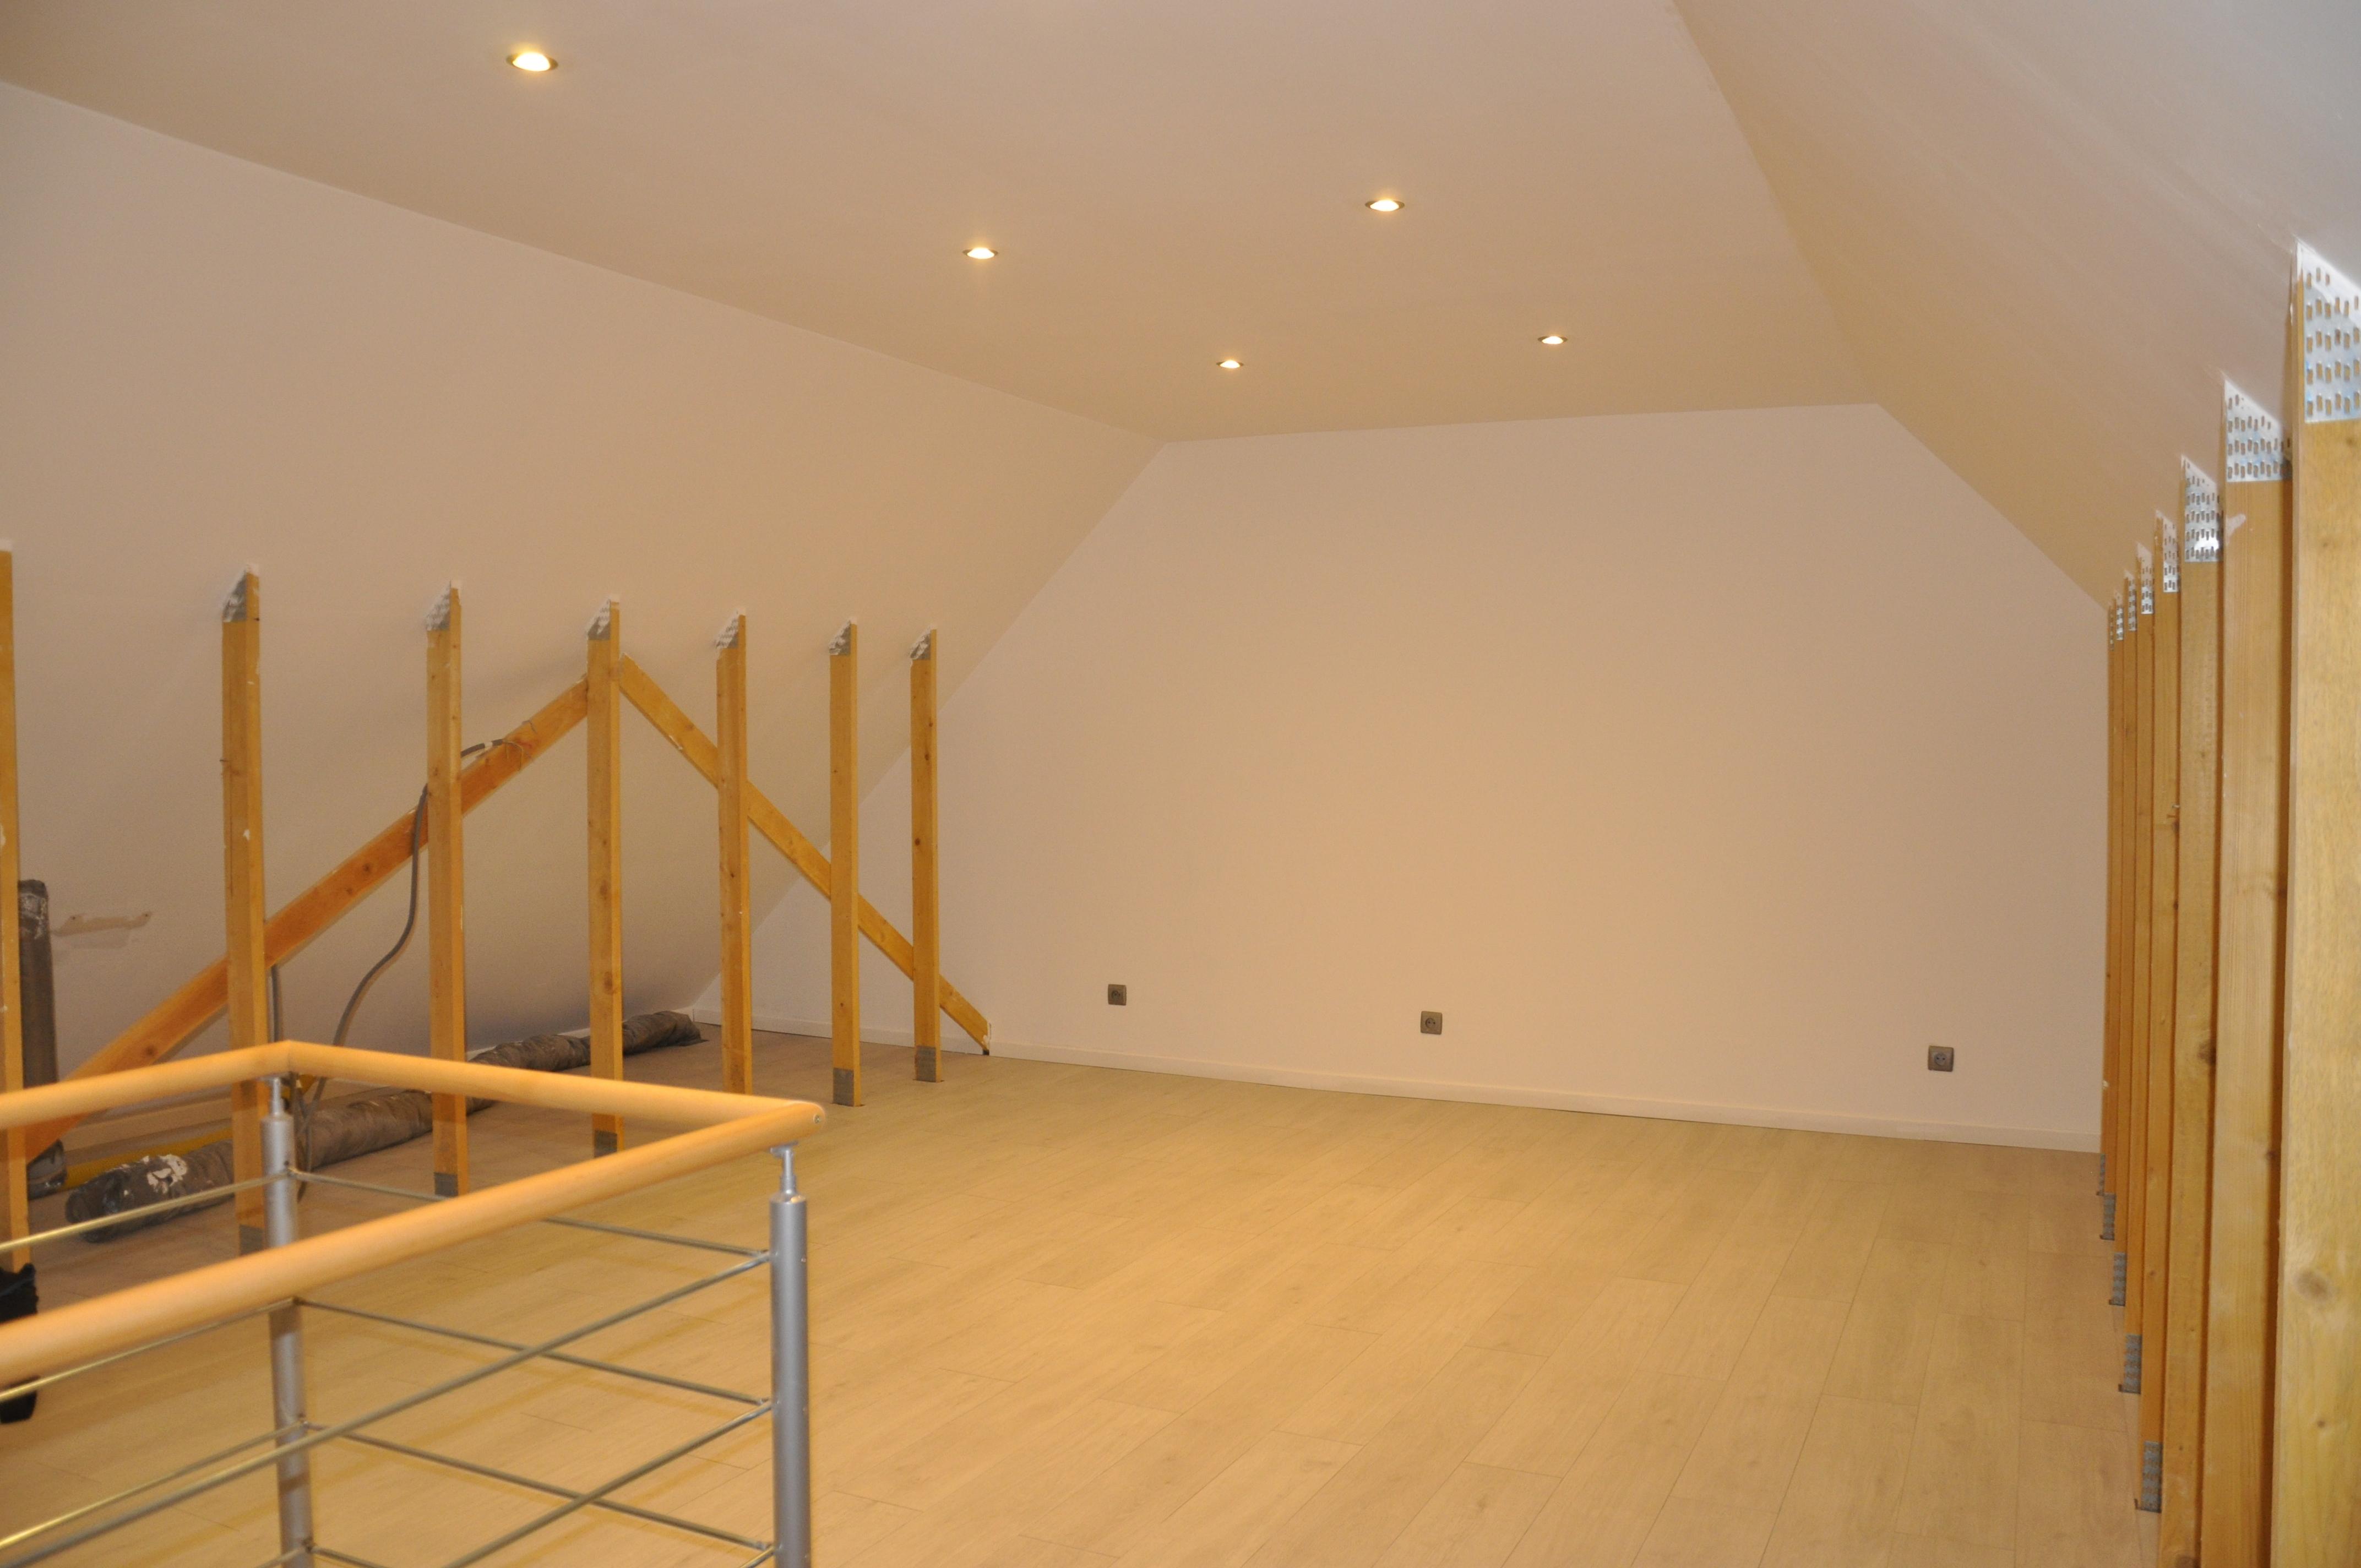 location 7m dans remise morsang sur orge 91390. Black Bedroom Furniture Sets. Home Design Ideas